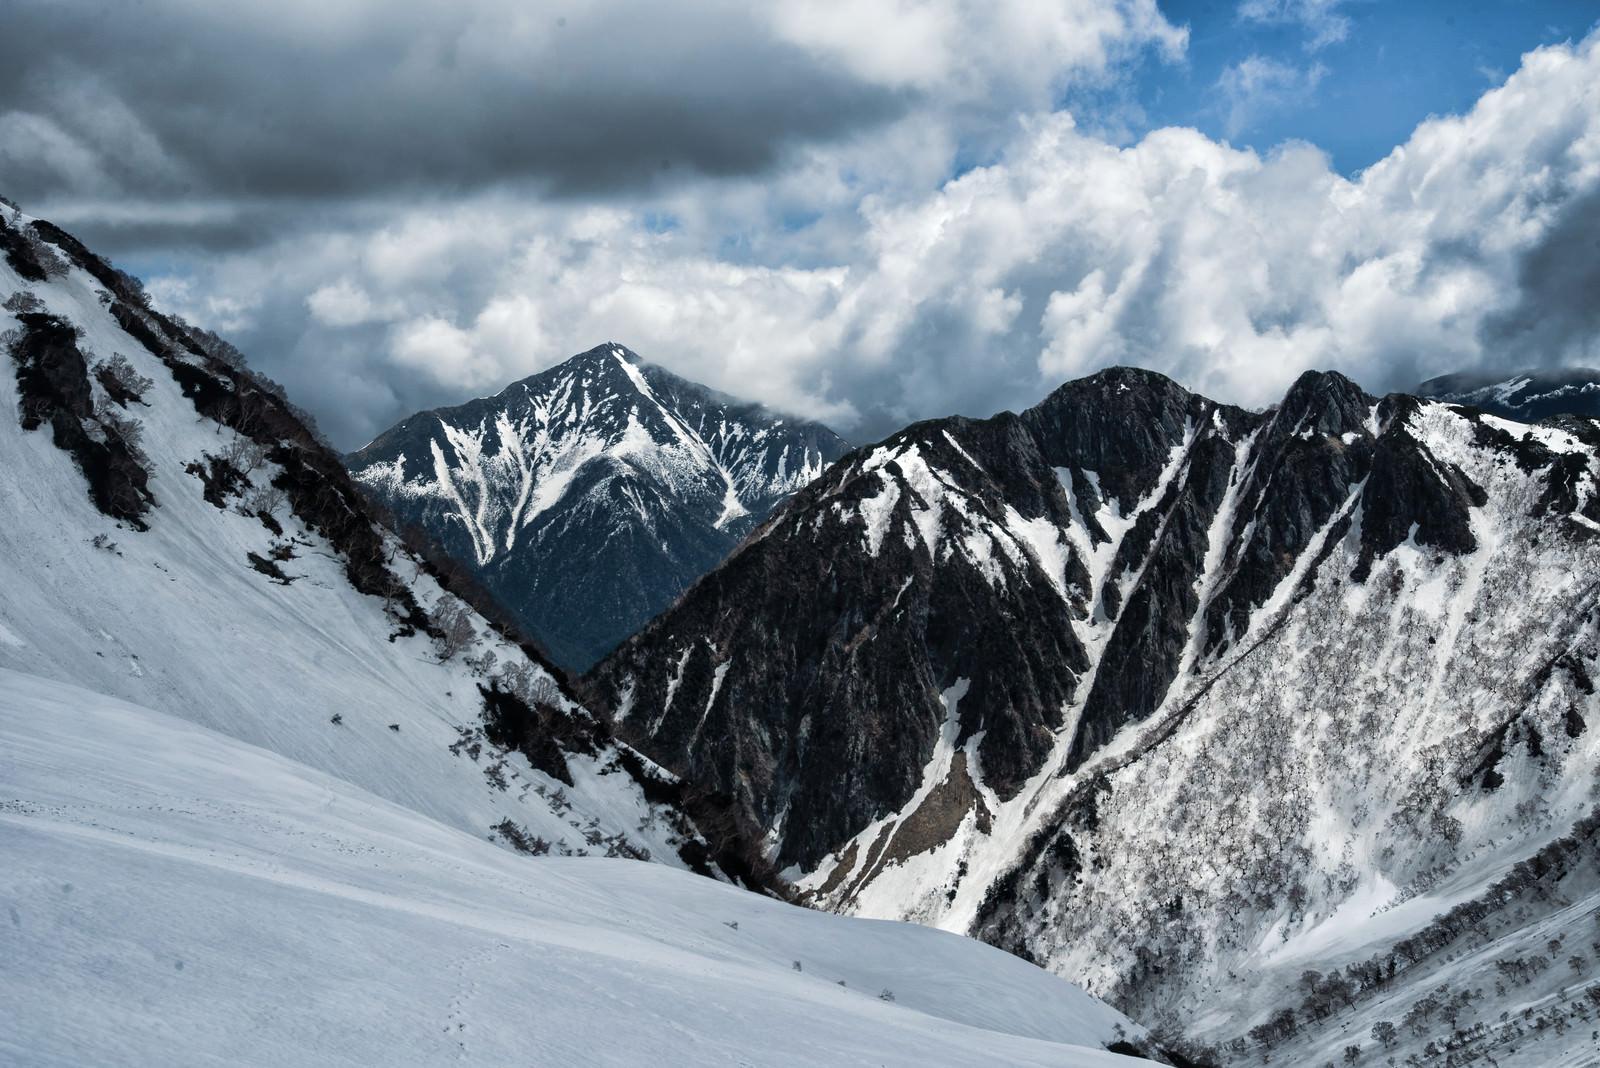 「涸沢から望む常念岳(飛騨山脈)」の写真